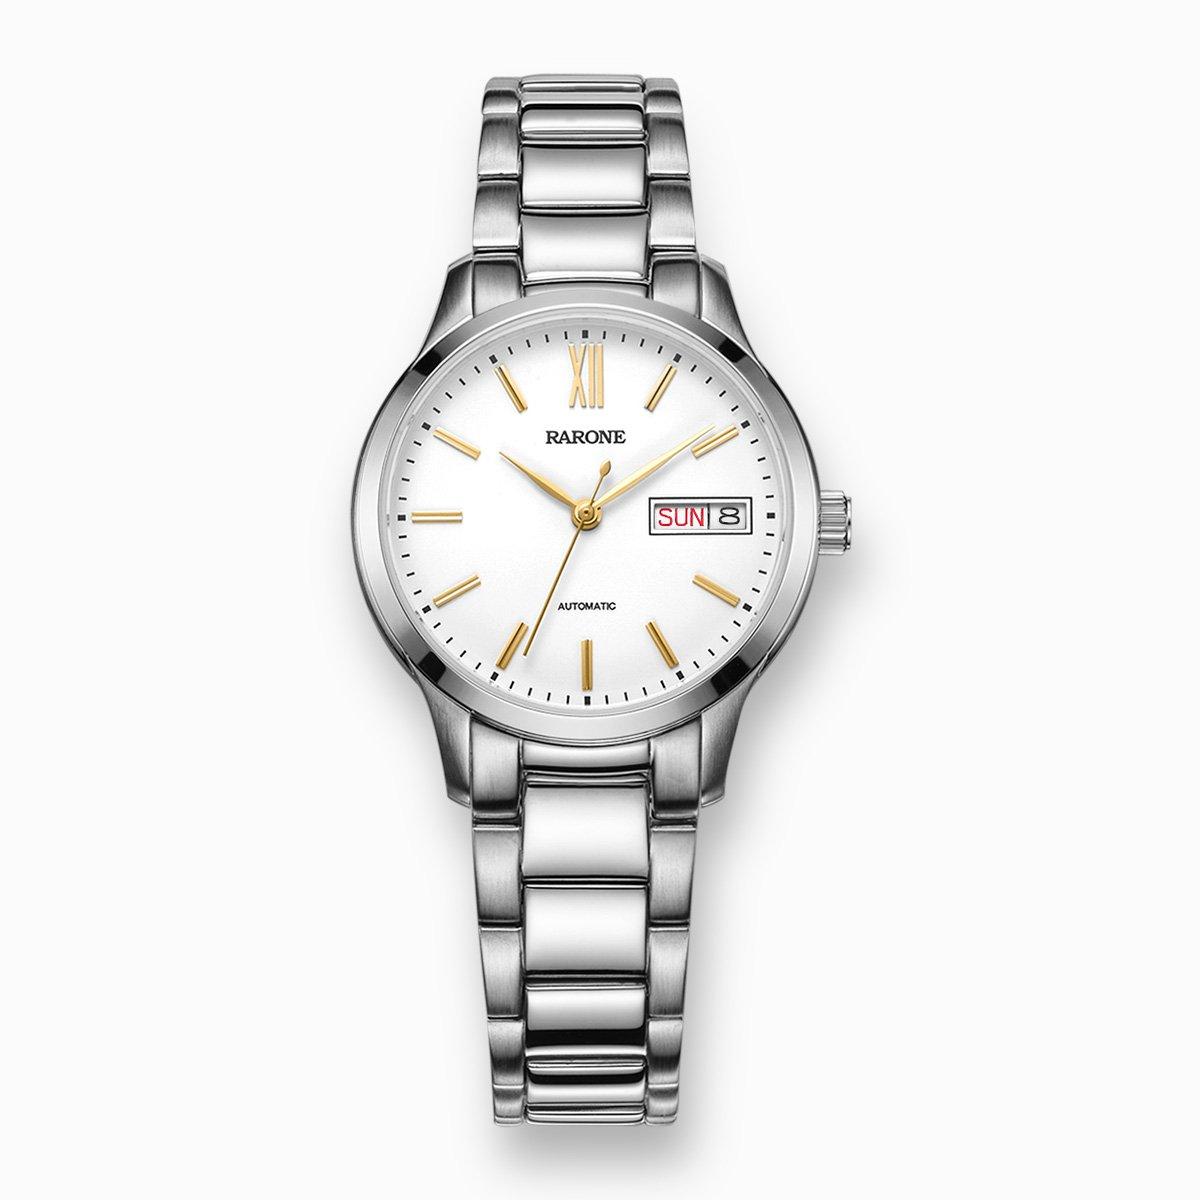 雷诺【商务经典热销款】女士机械手表全自动双日历钢带防水女表884028F1101